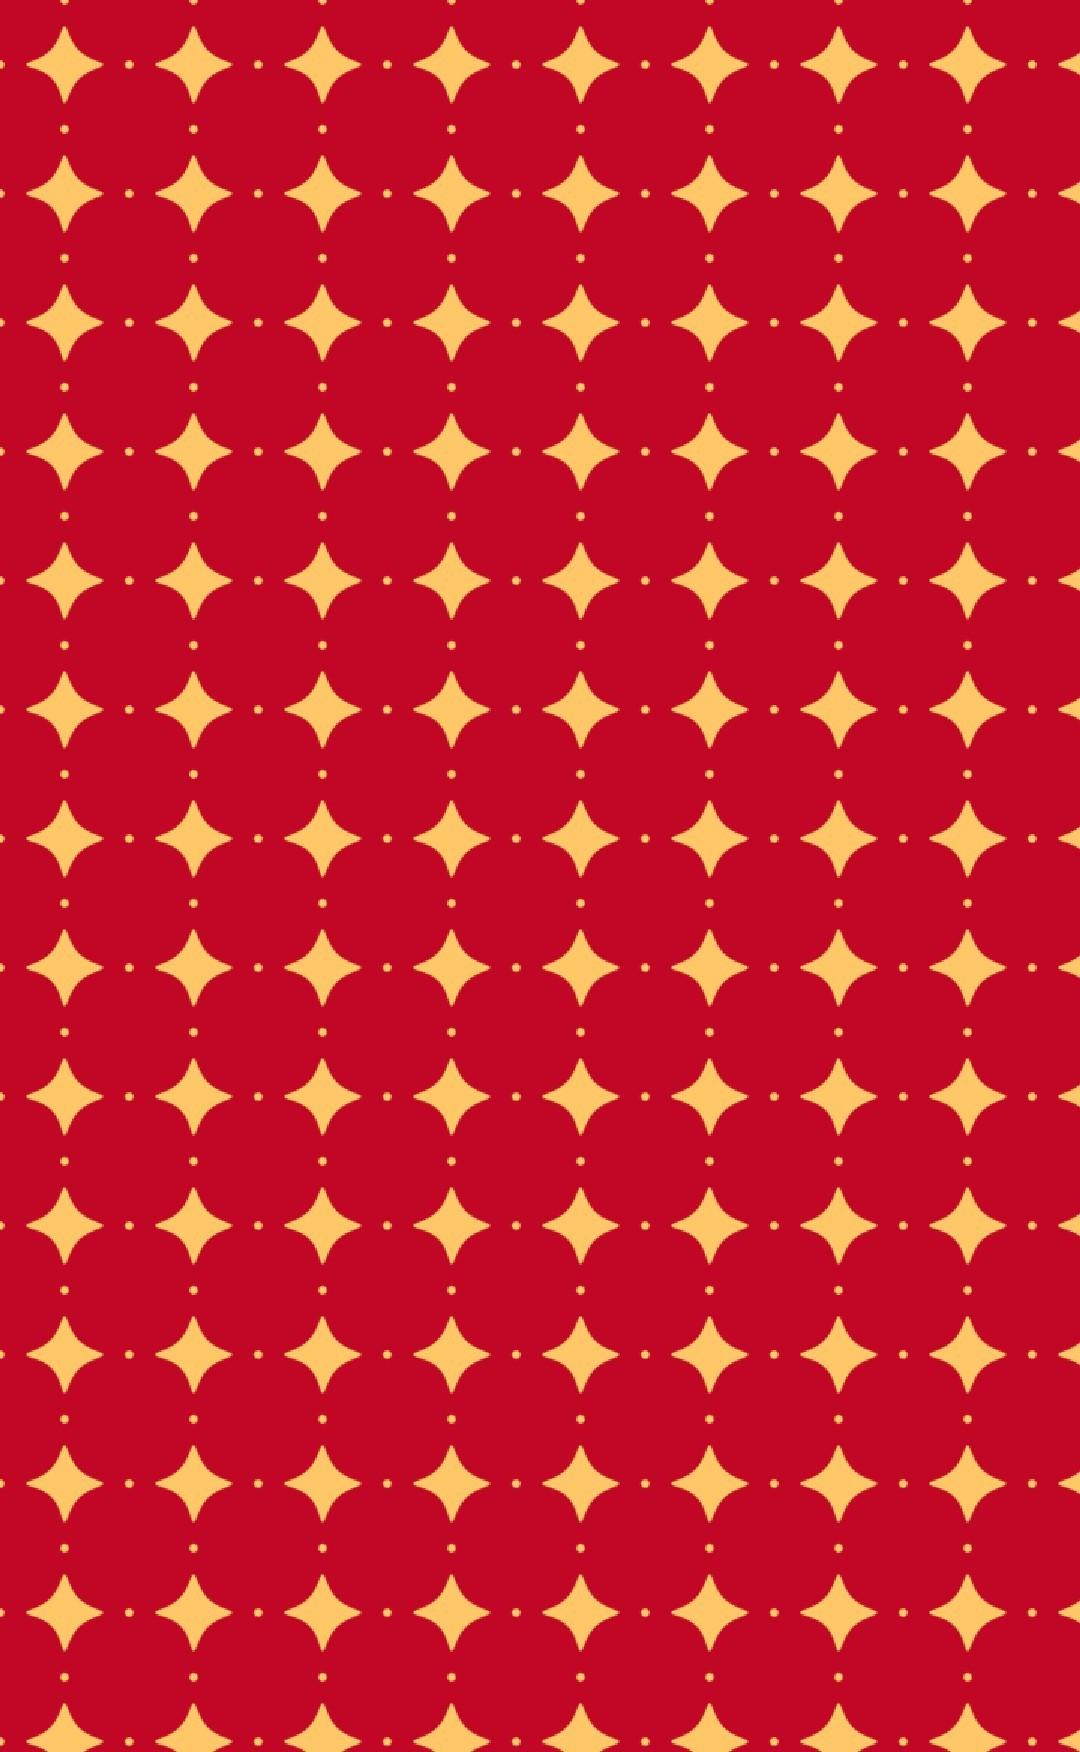 test image tile